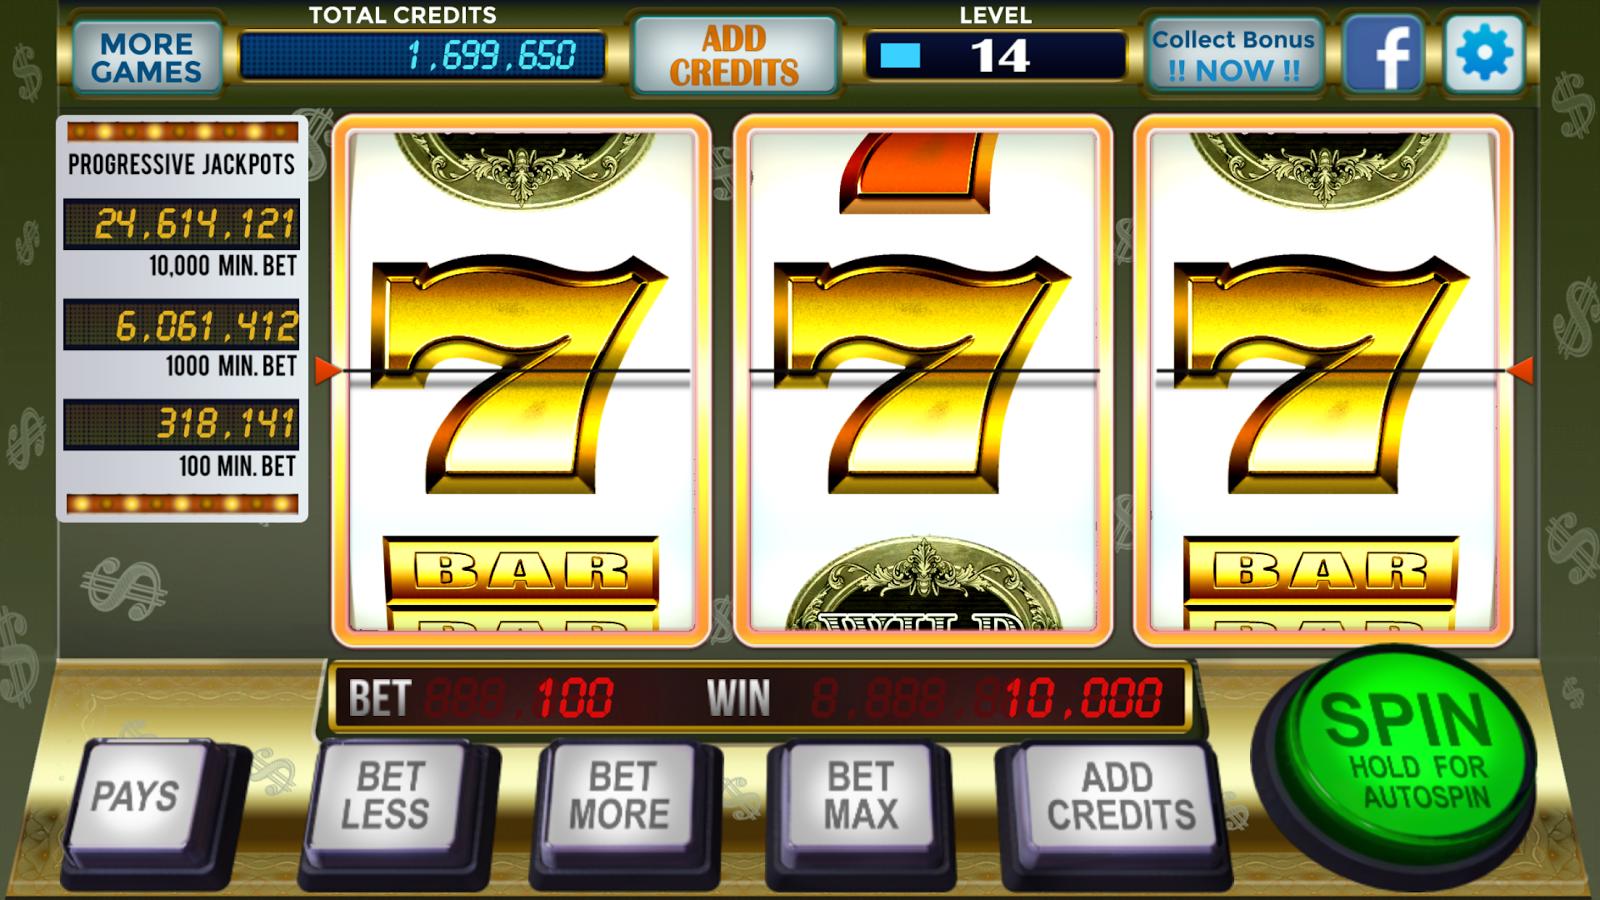 777 stars casino classic slots